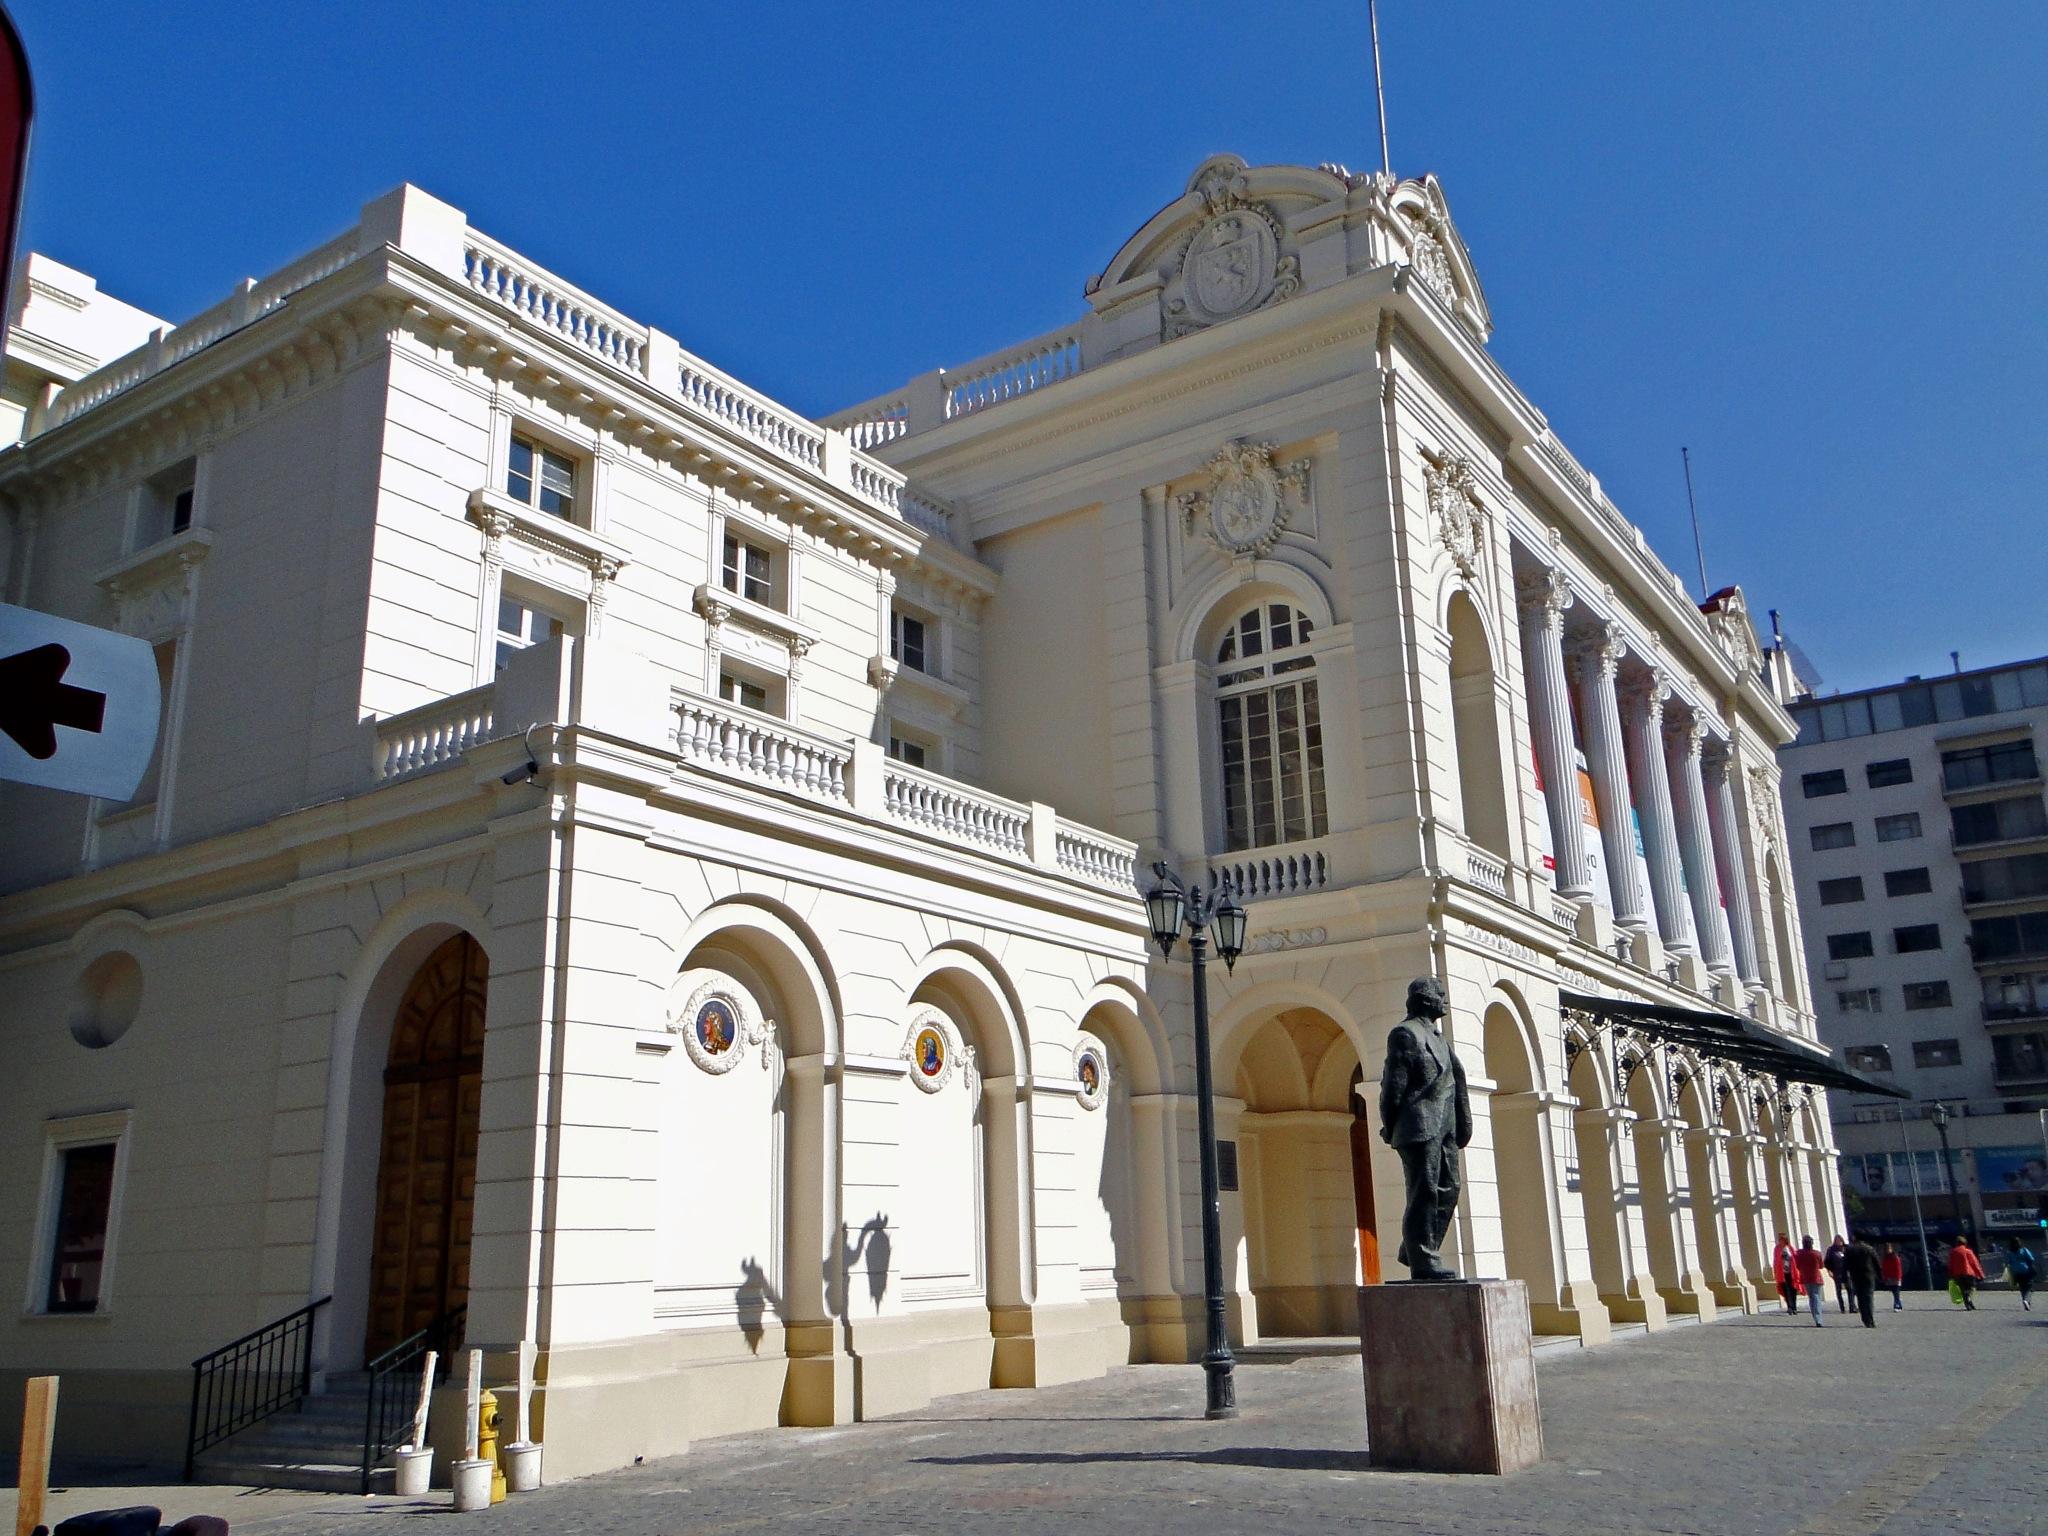 (0970) Teatro Municipal de Santiago, Chile by Patricio Cabezas